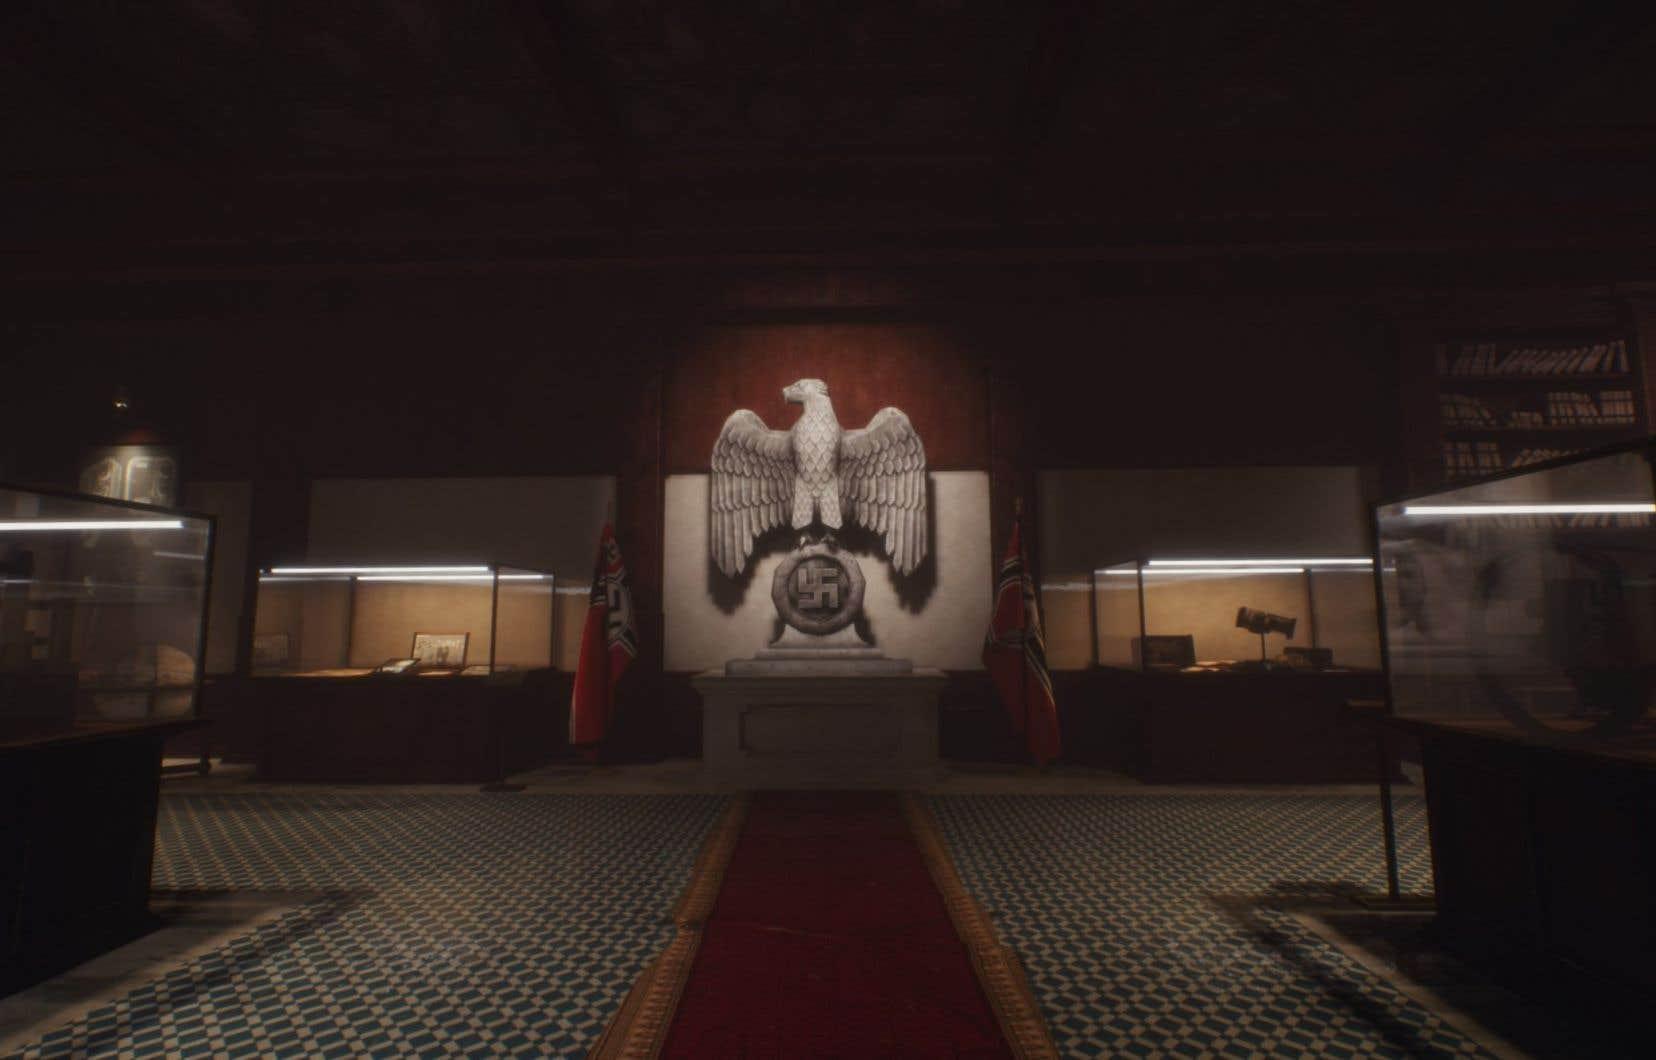 Ce qui fait la force de «Paradise Lost»est son atmosphère lourde, appuyée par une excellente conception sonore immersive, ainsi que ses environnements riches conçus avec minutie.